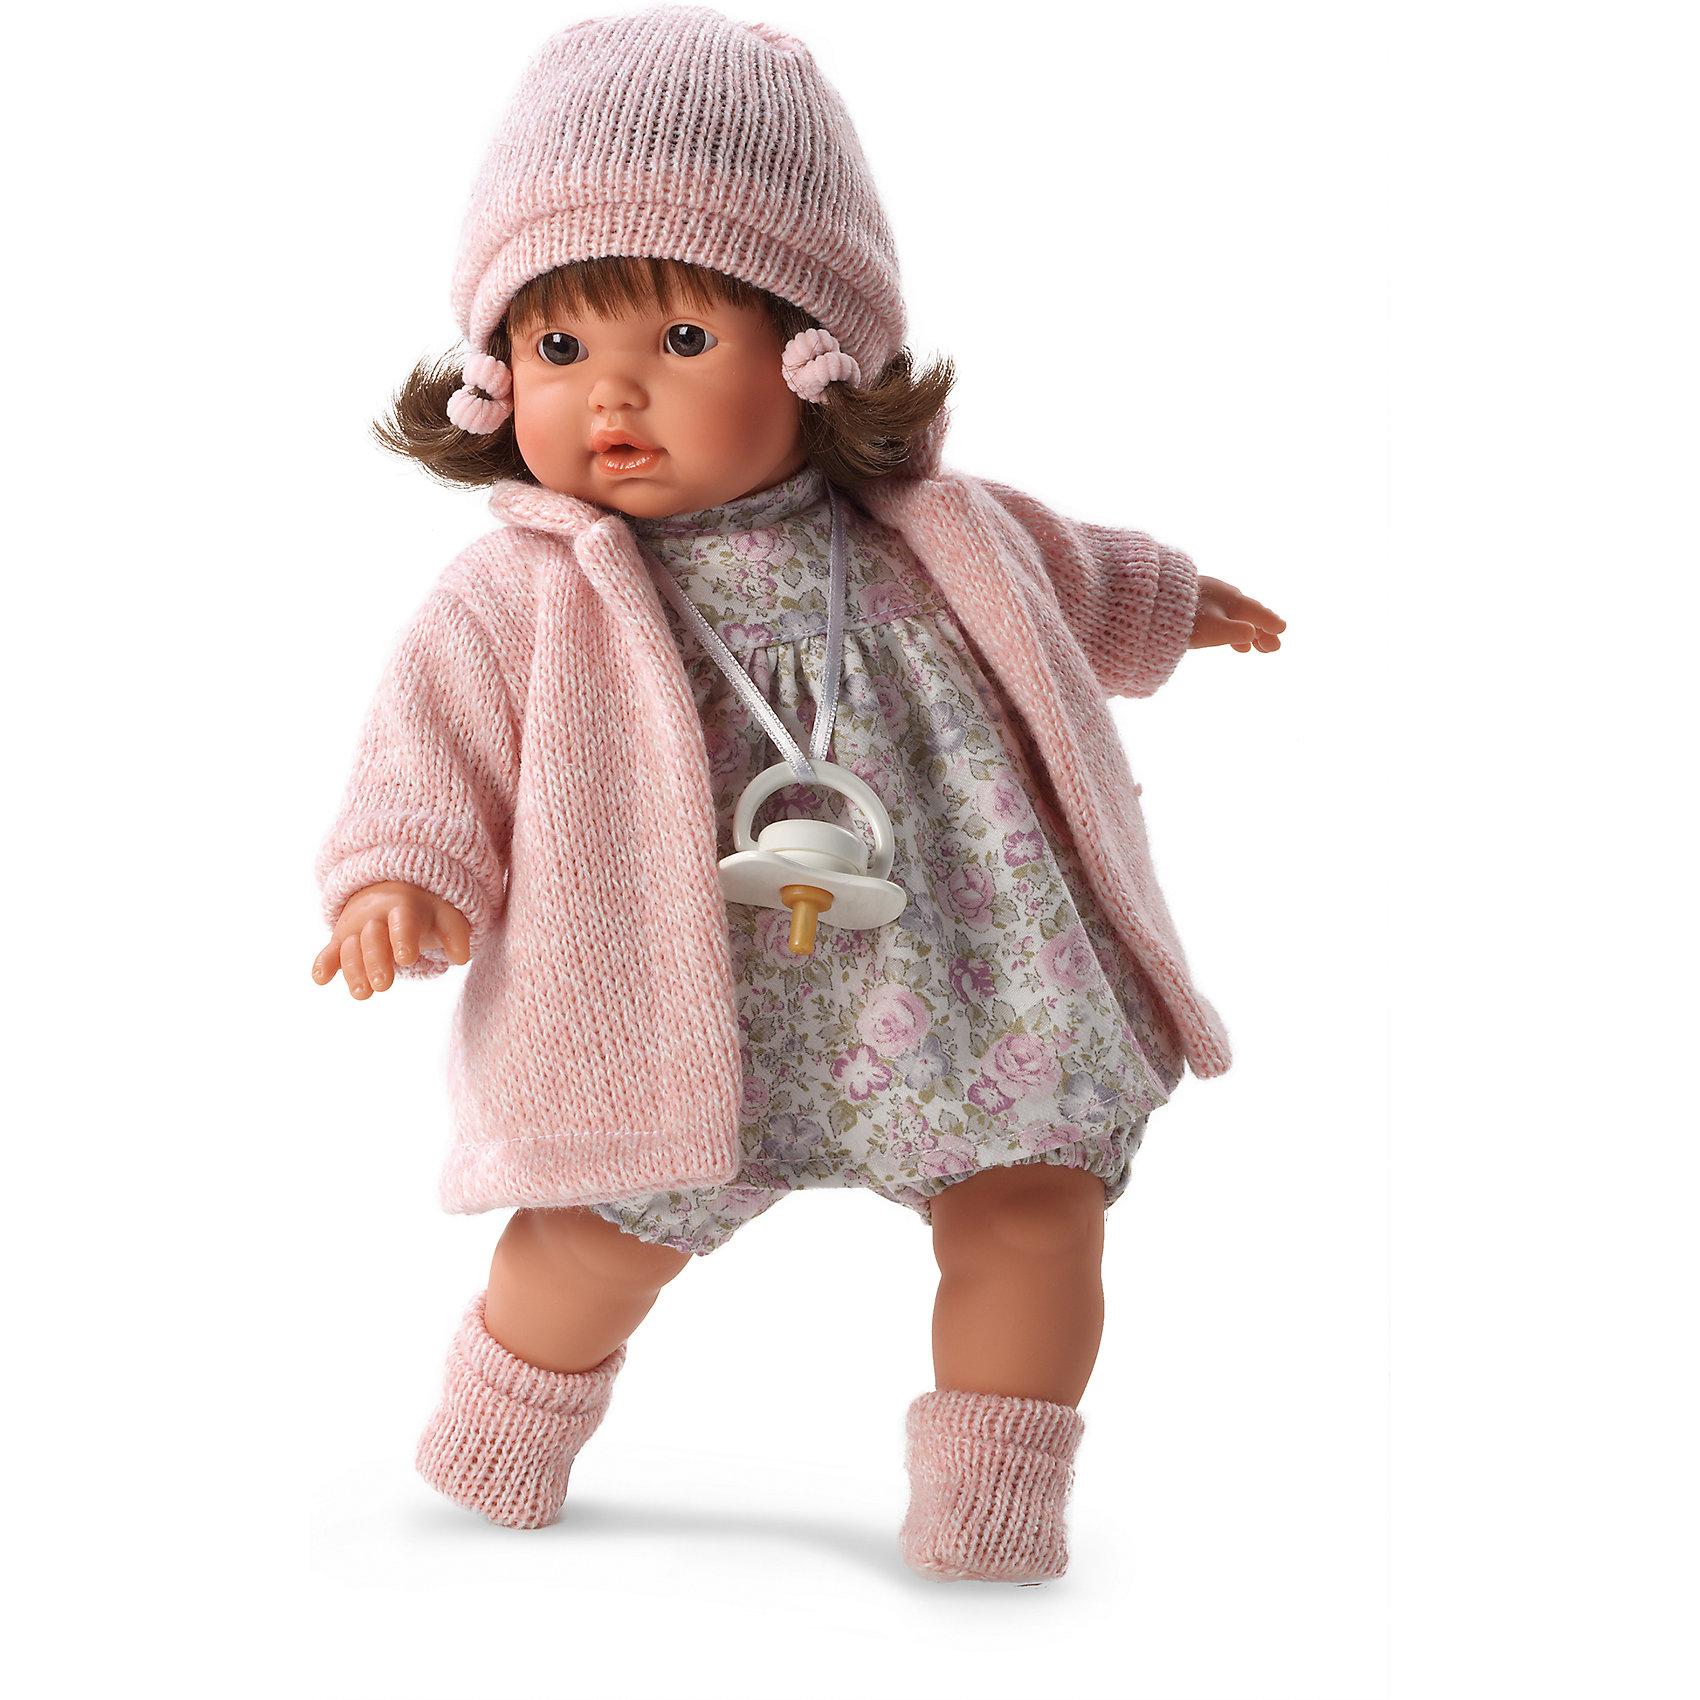 Кукла Айсель, 33 см, LlorensБренды кукол<br>Характеристики:<br><br>• Предназначение: для сюжетно-ролевых игр<br>• Тип куклы: мягконабивная<br>• Пол куклы: девочка <br>• Цвет волос: брюнетка<br>• Материал: поливинилхлорид, пластик, нейлон, текстиль<br>• Цвет: розовый, серый<br>• Высота куклы: 33 см<br>• Комплектация: кукла, платье, пальто, шапочка, носочки, пустышка на ленточке<br>• Вес: 660 г<br>• Размеры упаковки (Д*В*Ш): 20*37*10 см<br>• Упаковка: подарочная картонная коробка <br>• Особенности ухода: допускается деликатная стирка без использования красящих и отбеливающих средств предметов одежды куклы<br><br>Кукла Айсель 33 см без звука – кукла, производителем которого является всемирно известный испанский кукольный бренд Llorens. Куклы этой торговой марки имеют свою неповторимую внешность и целую линейку образов как пупсов, так и кукол-малышей. Игрушки выполнены из сочетания поливинилхлорида и пластика, что позволяет с высокой долей достоверности воссоздать физиологические и мимические особенности маленьких детей. При изготовлении кукол Llorens используются только сертифицированные материалы, безопасные и не вызывающие аллергических реакций. Волосы у кукол отличаются густотой, шелковистостью и блеском, при расчесывании они не выпадают и не ломаются.<br>Кукла Айсель 33 см без звука выполнена в образе малышки: брюнетка с карими глазами и слегка завитыми волосами средней длины. В комплект одежды Айсель входит платьице в розочку, трикотажное пальто, шапочка и пинетки. У малышки имеется соска на ленточке. <br>Кукла Айсель 33 см без звука – это идеальный вариант для подарка к различным праздникам и торжествам.<br><br>Куклу Айсель 33 см без звука можно купить в нашем интернет-магазине.<br><br>Ширина мм: 20<br>Глубина мм: 37<br>Высота мм: 10<br>Вес г: 660<br>Возраст от месяцев: 36<br>Возраст до месяцев: 84<br>Пол: Женский<br>Возраст: Детский<br>SKU: 5086899